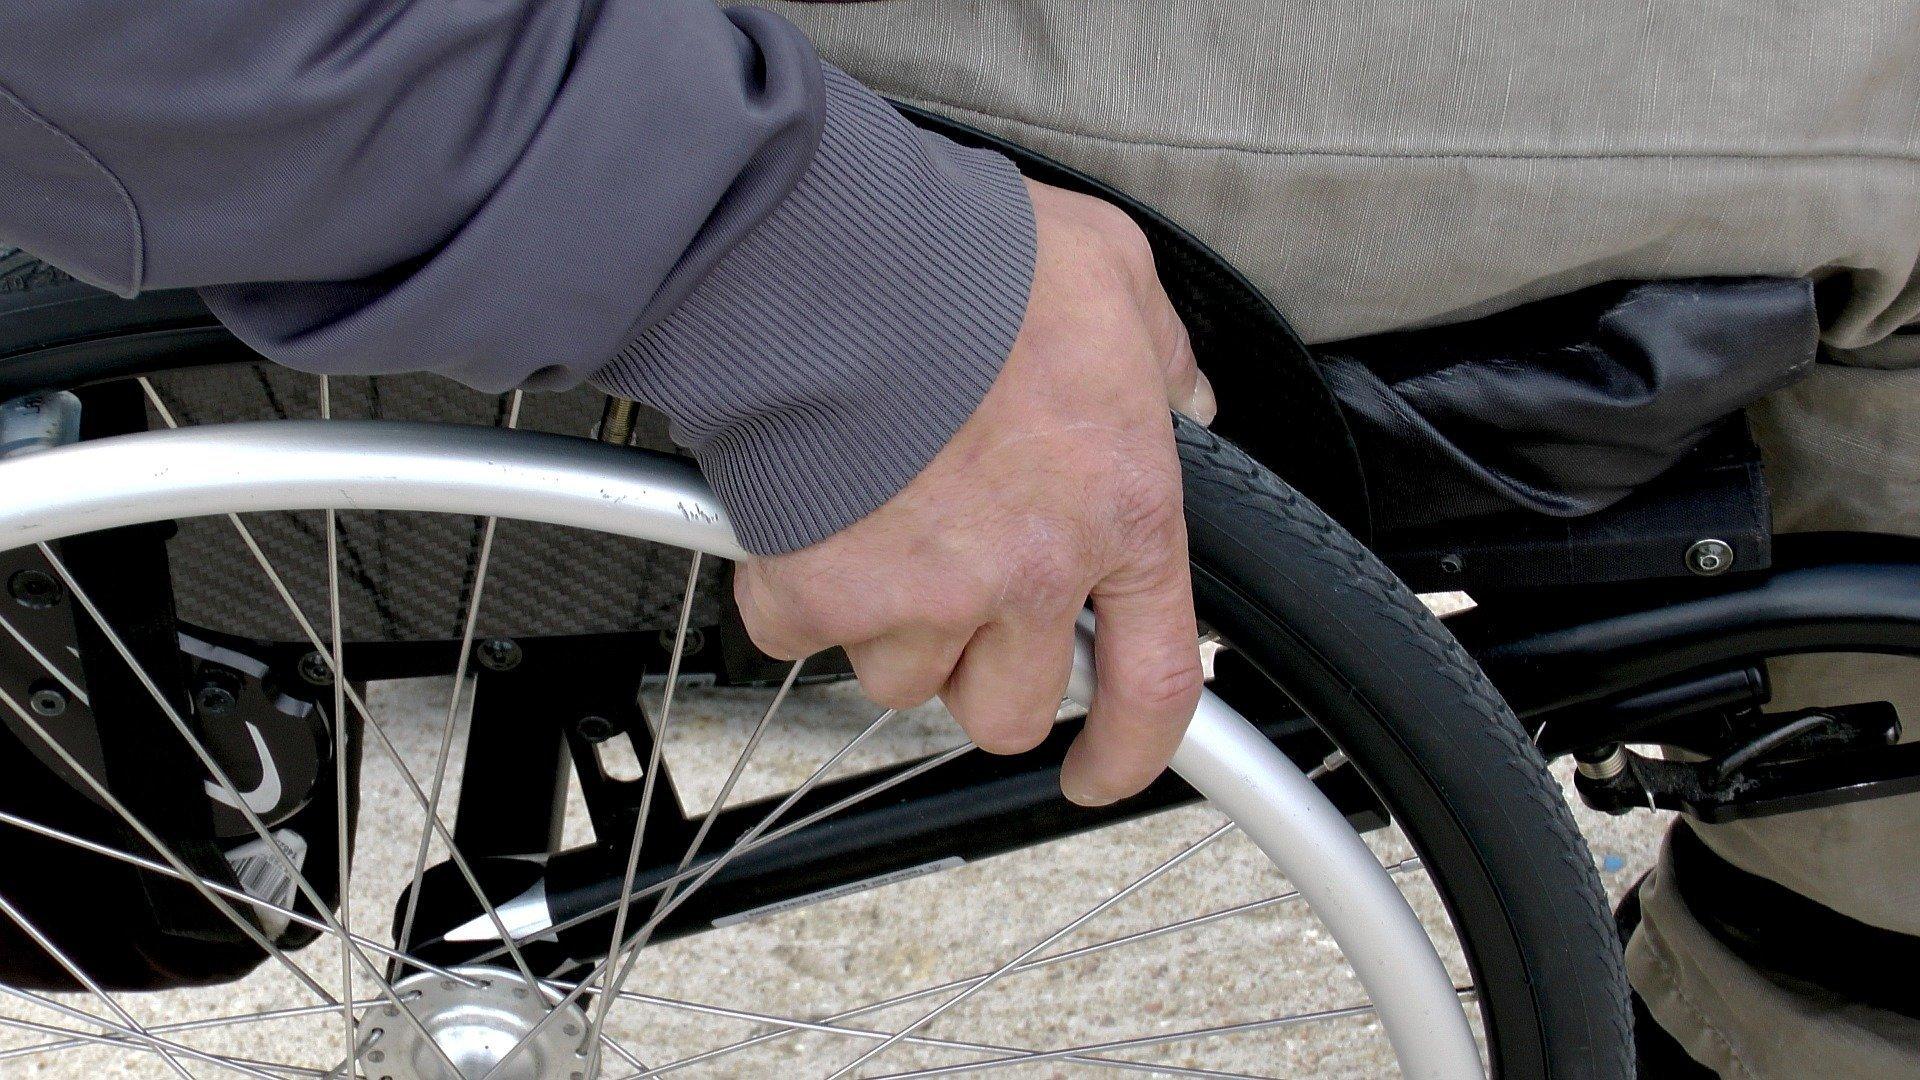 Hombre discapacitado en silla de ruedas. Fuente: Pixabay